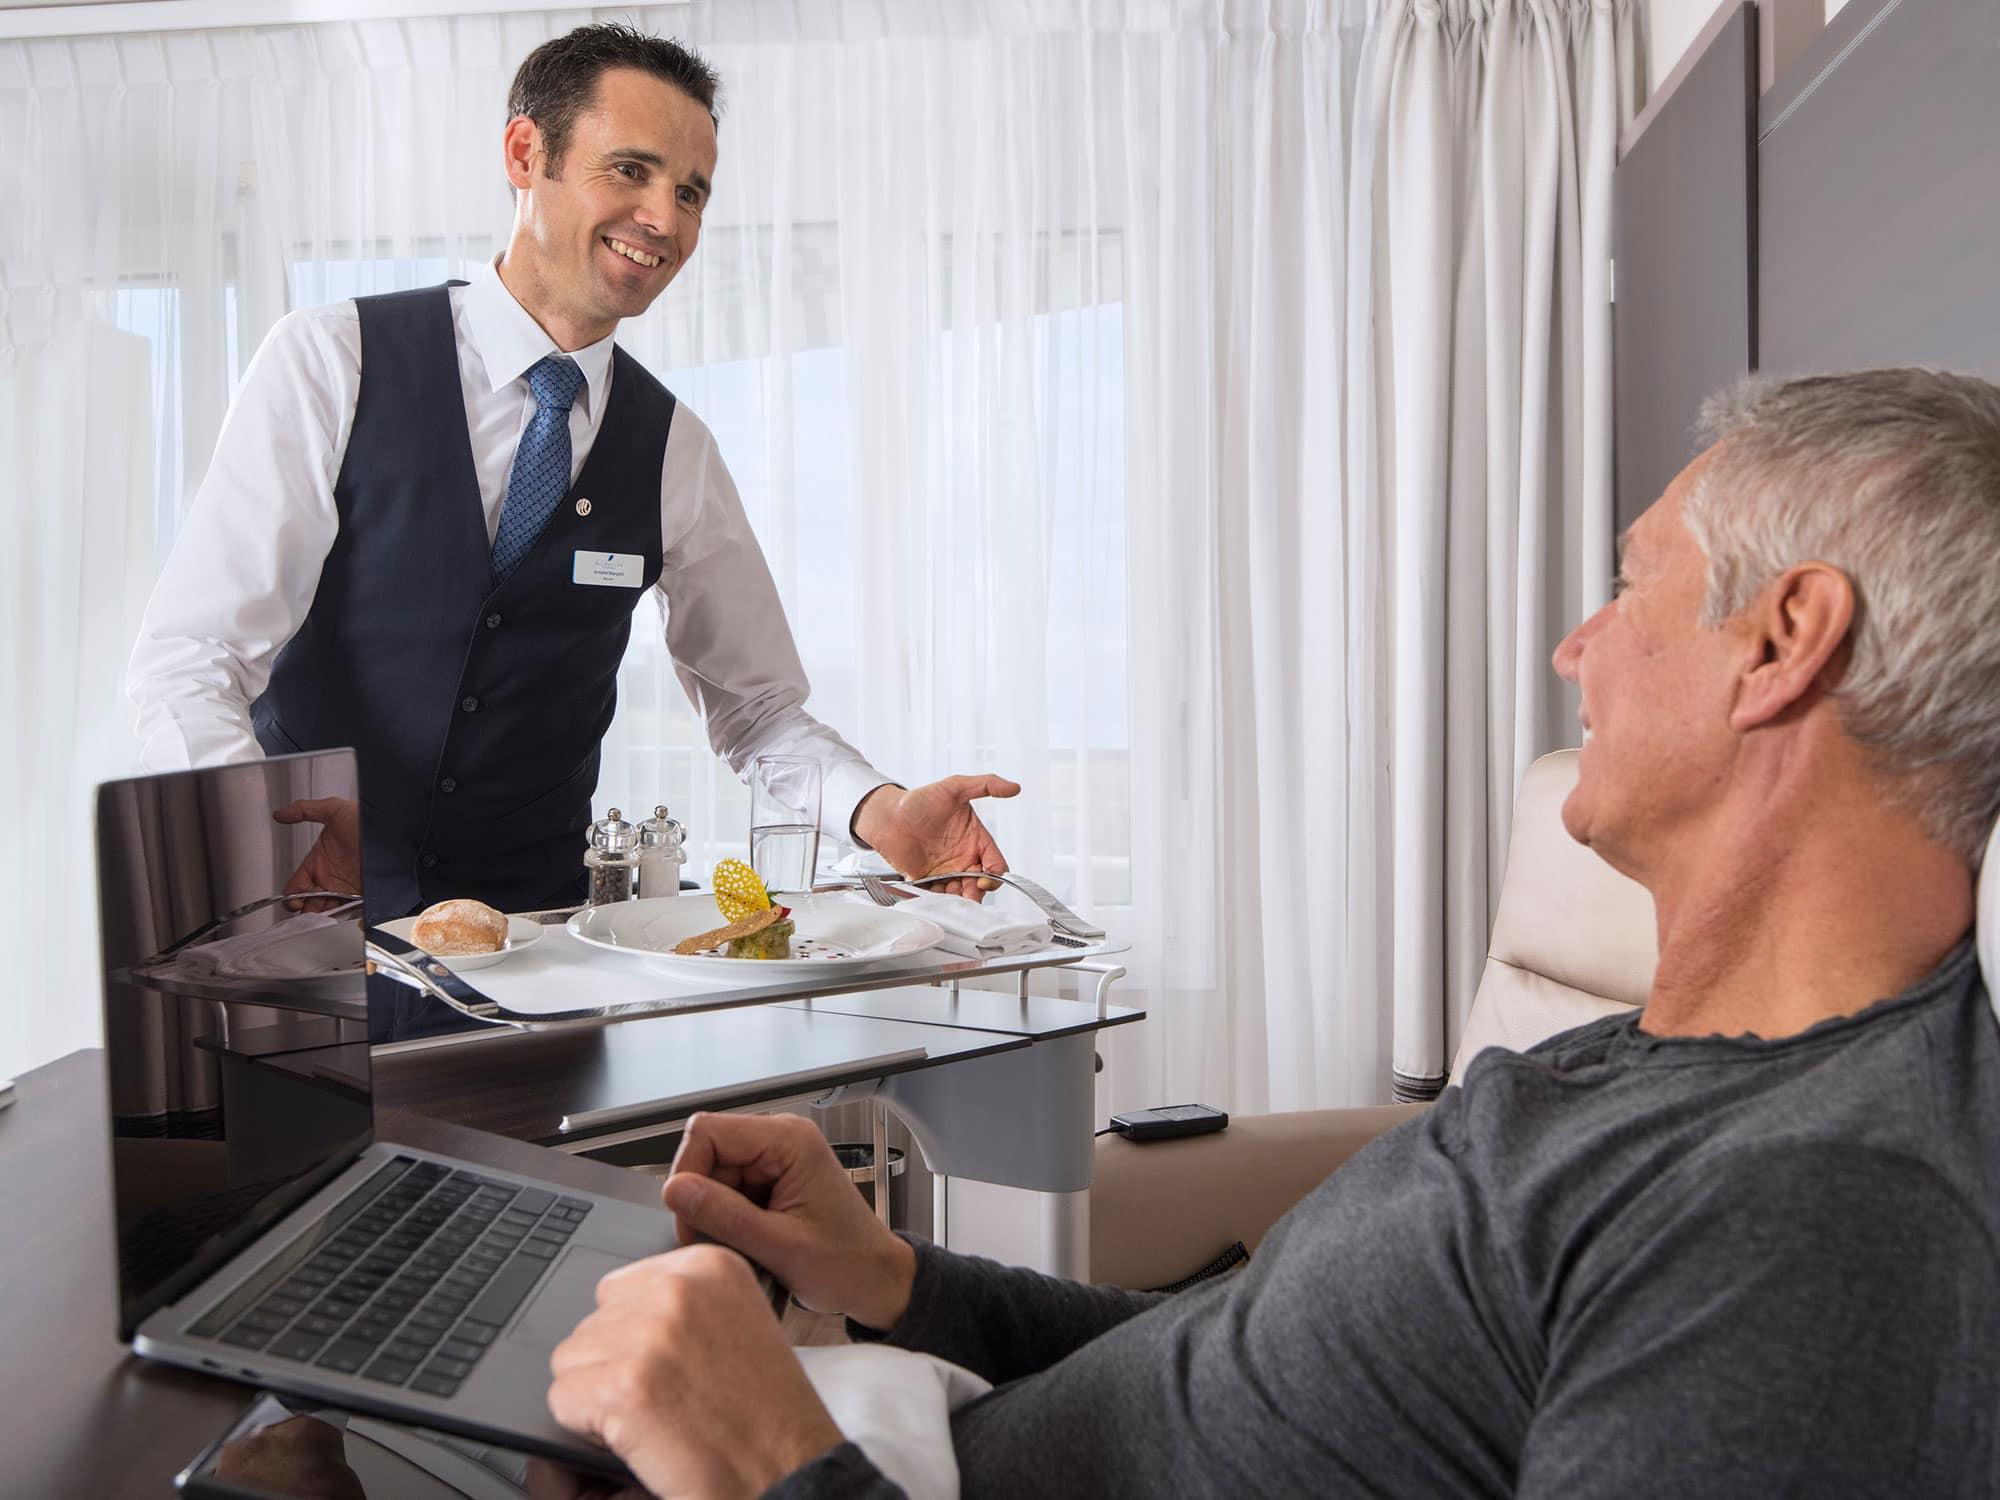 Un patient se fait servir le repas dans une clinique privée, image servant à souligner la photo corporate